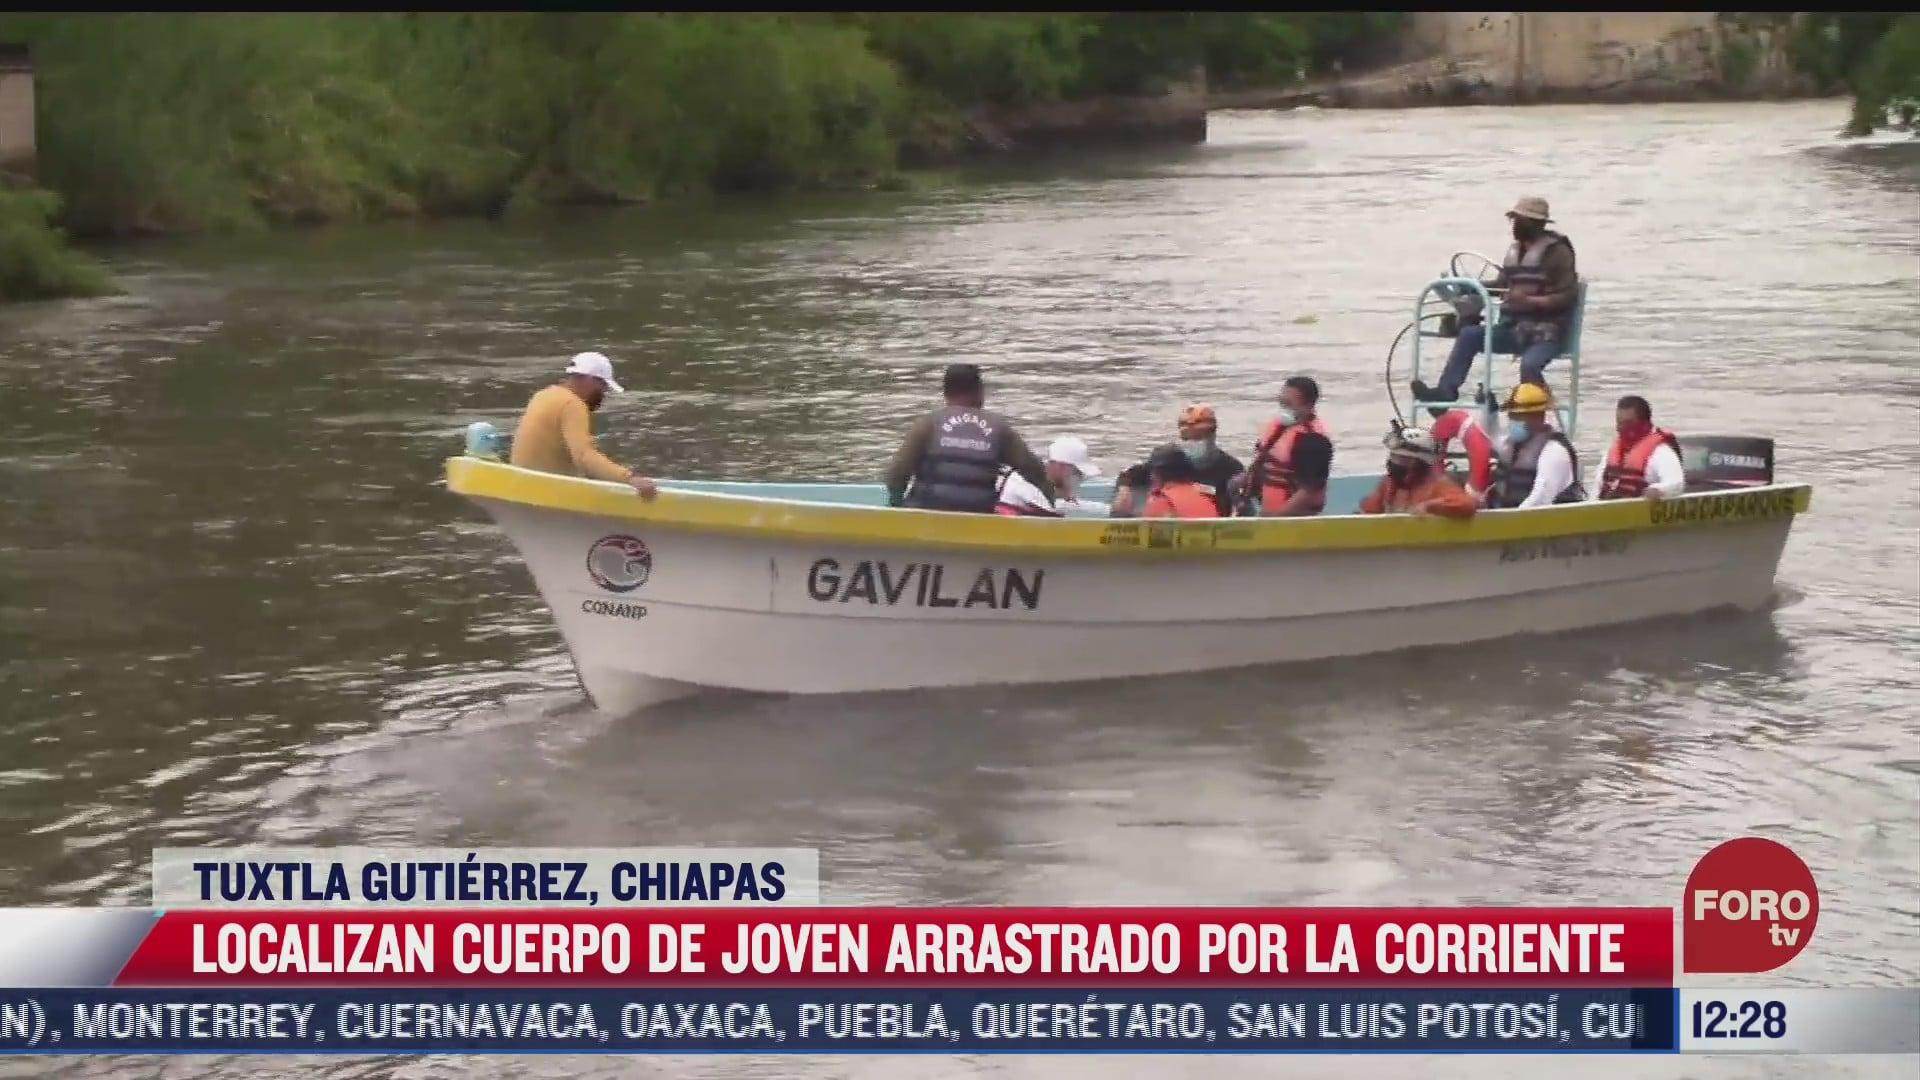 localizan cuerpo de joven arrastrado por corriente de rio en tuxtla gutierrez chiapas